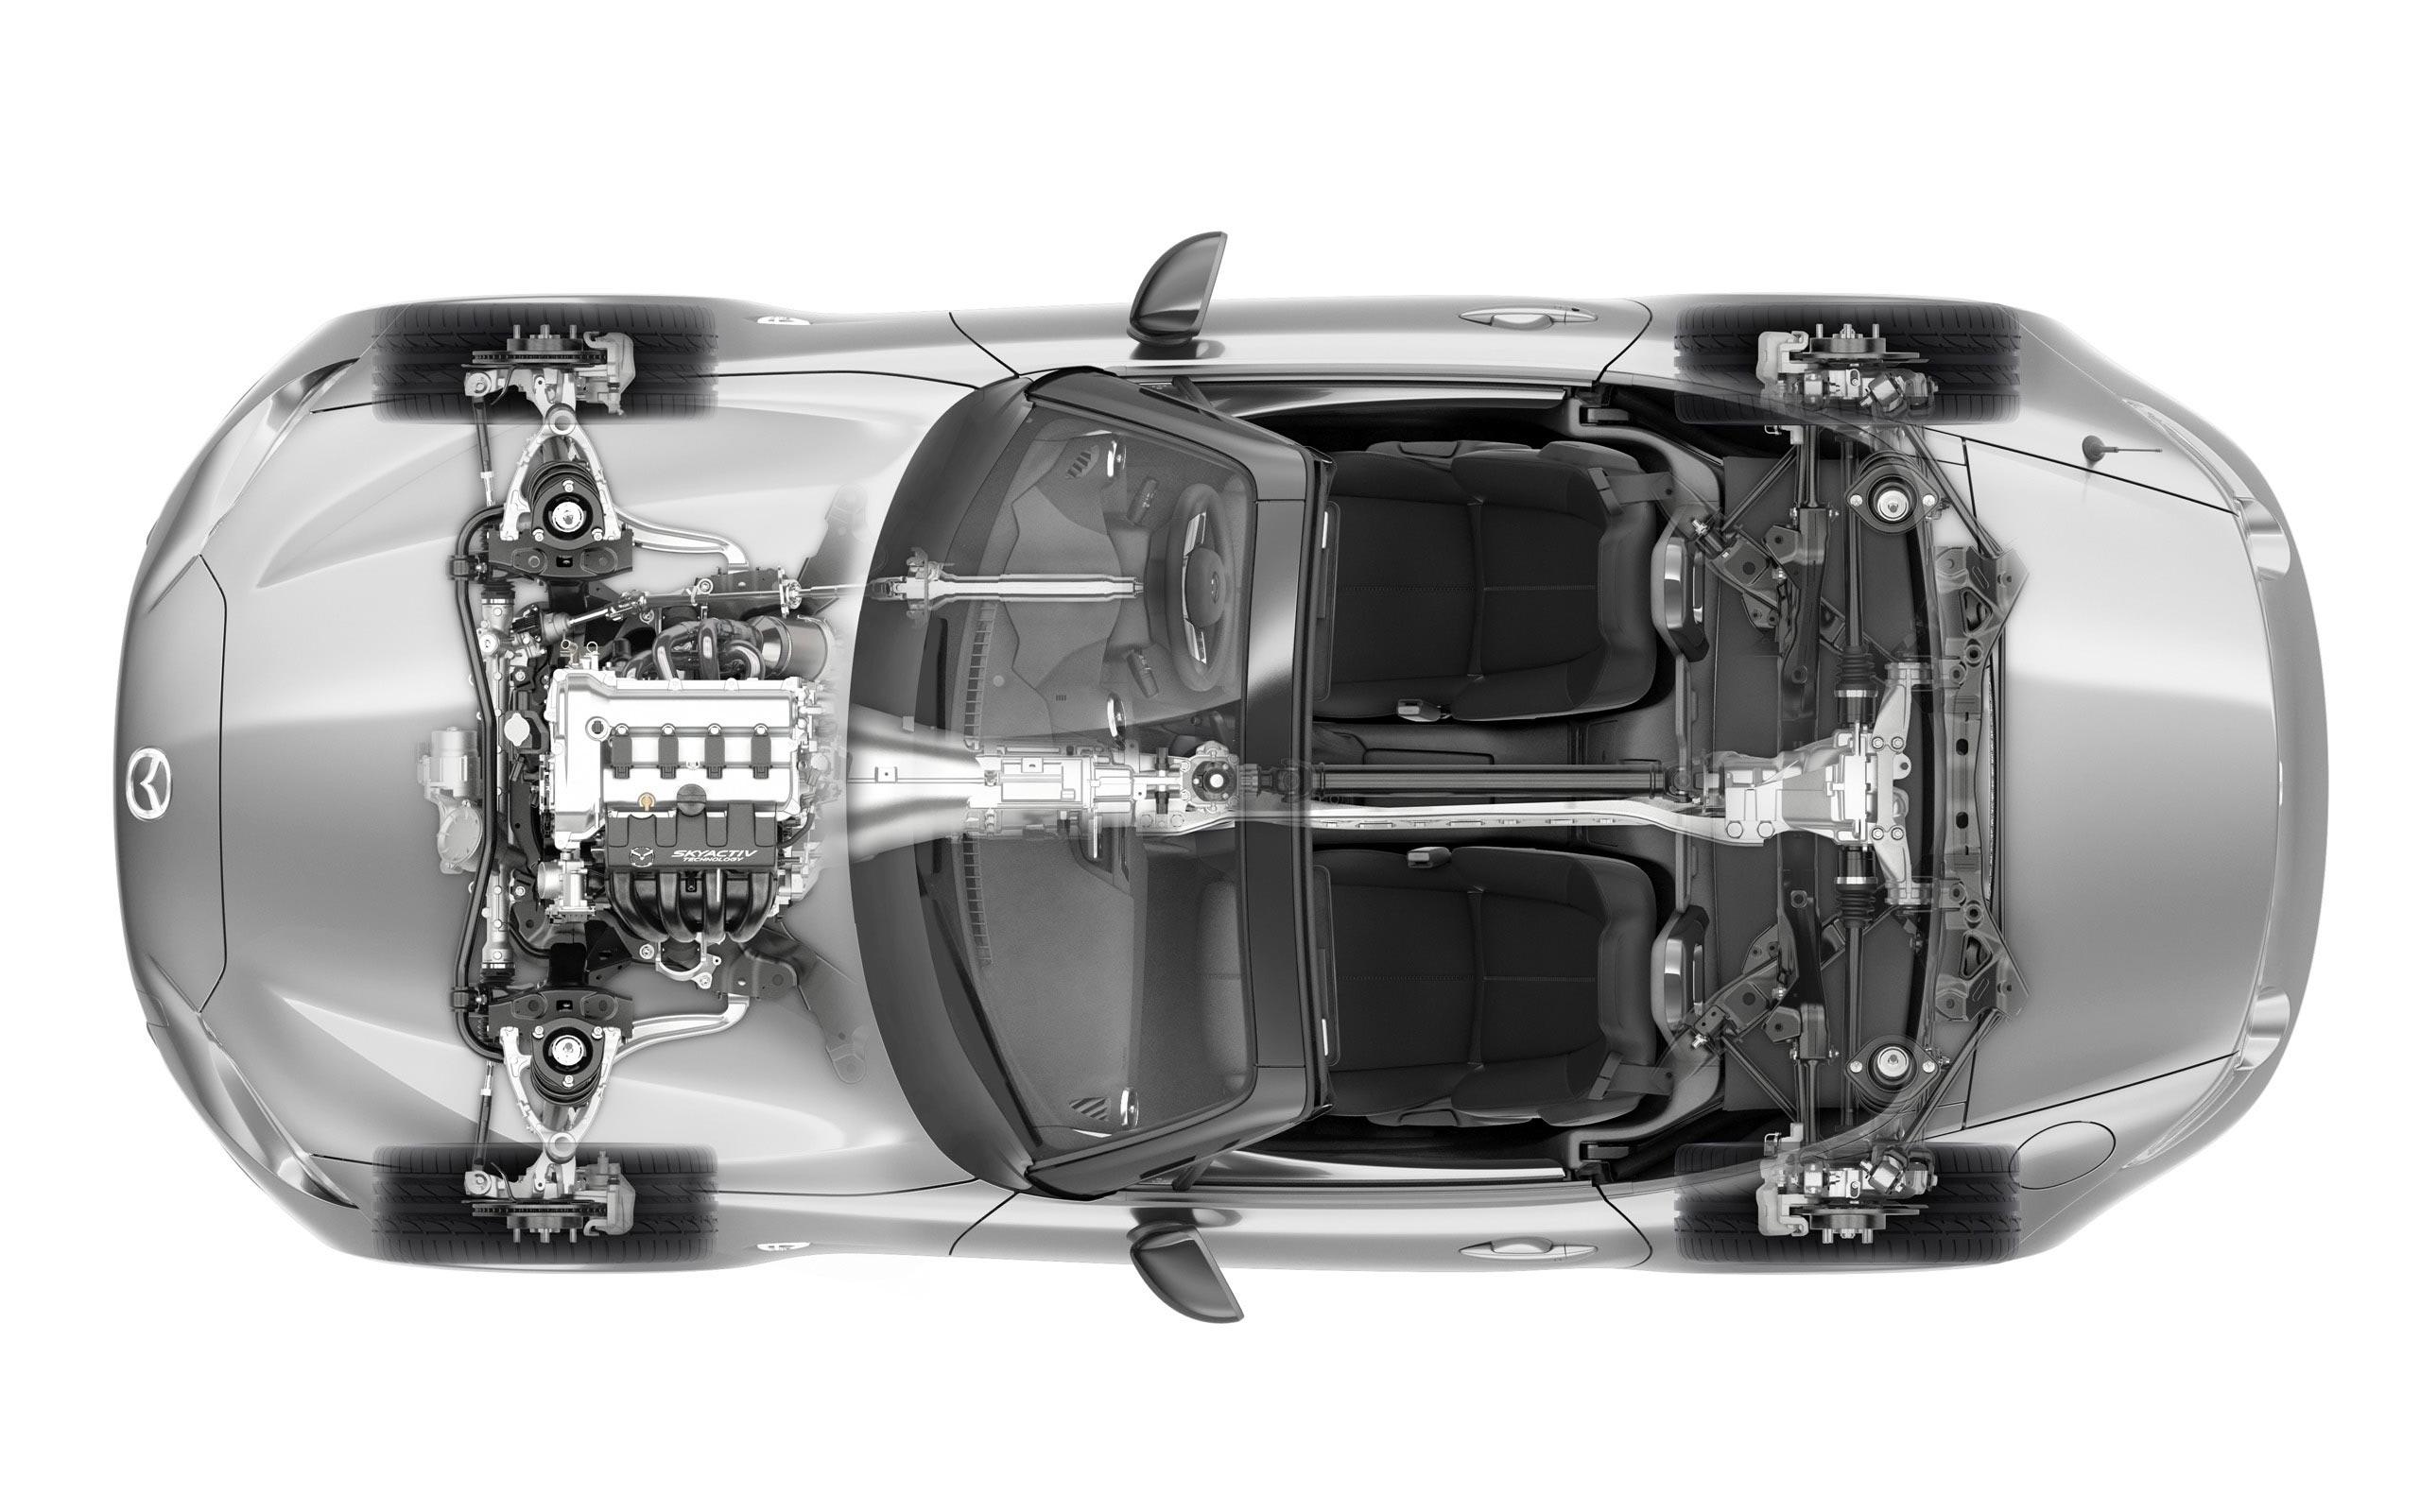 Mazda MX-5 cutaway